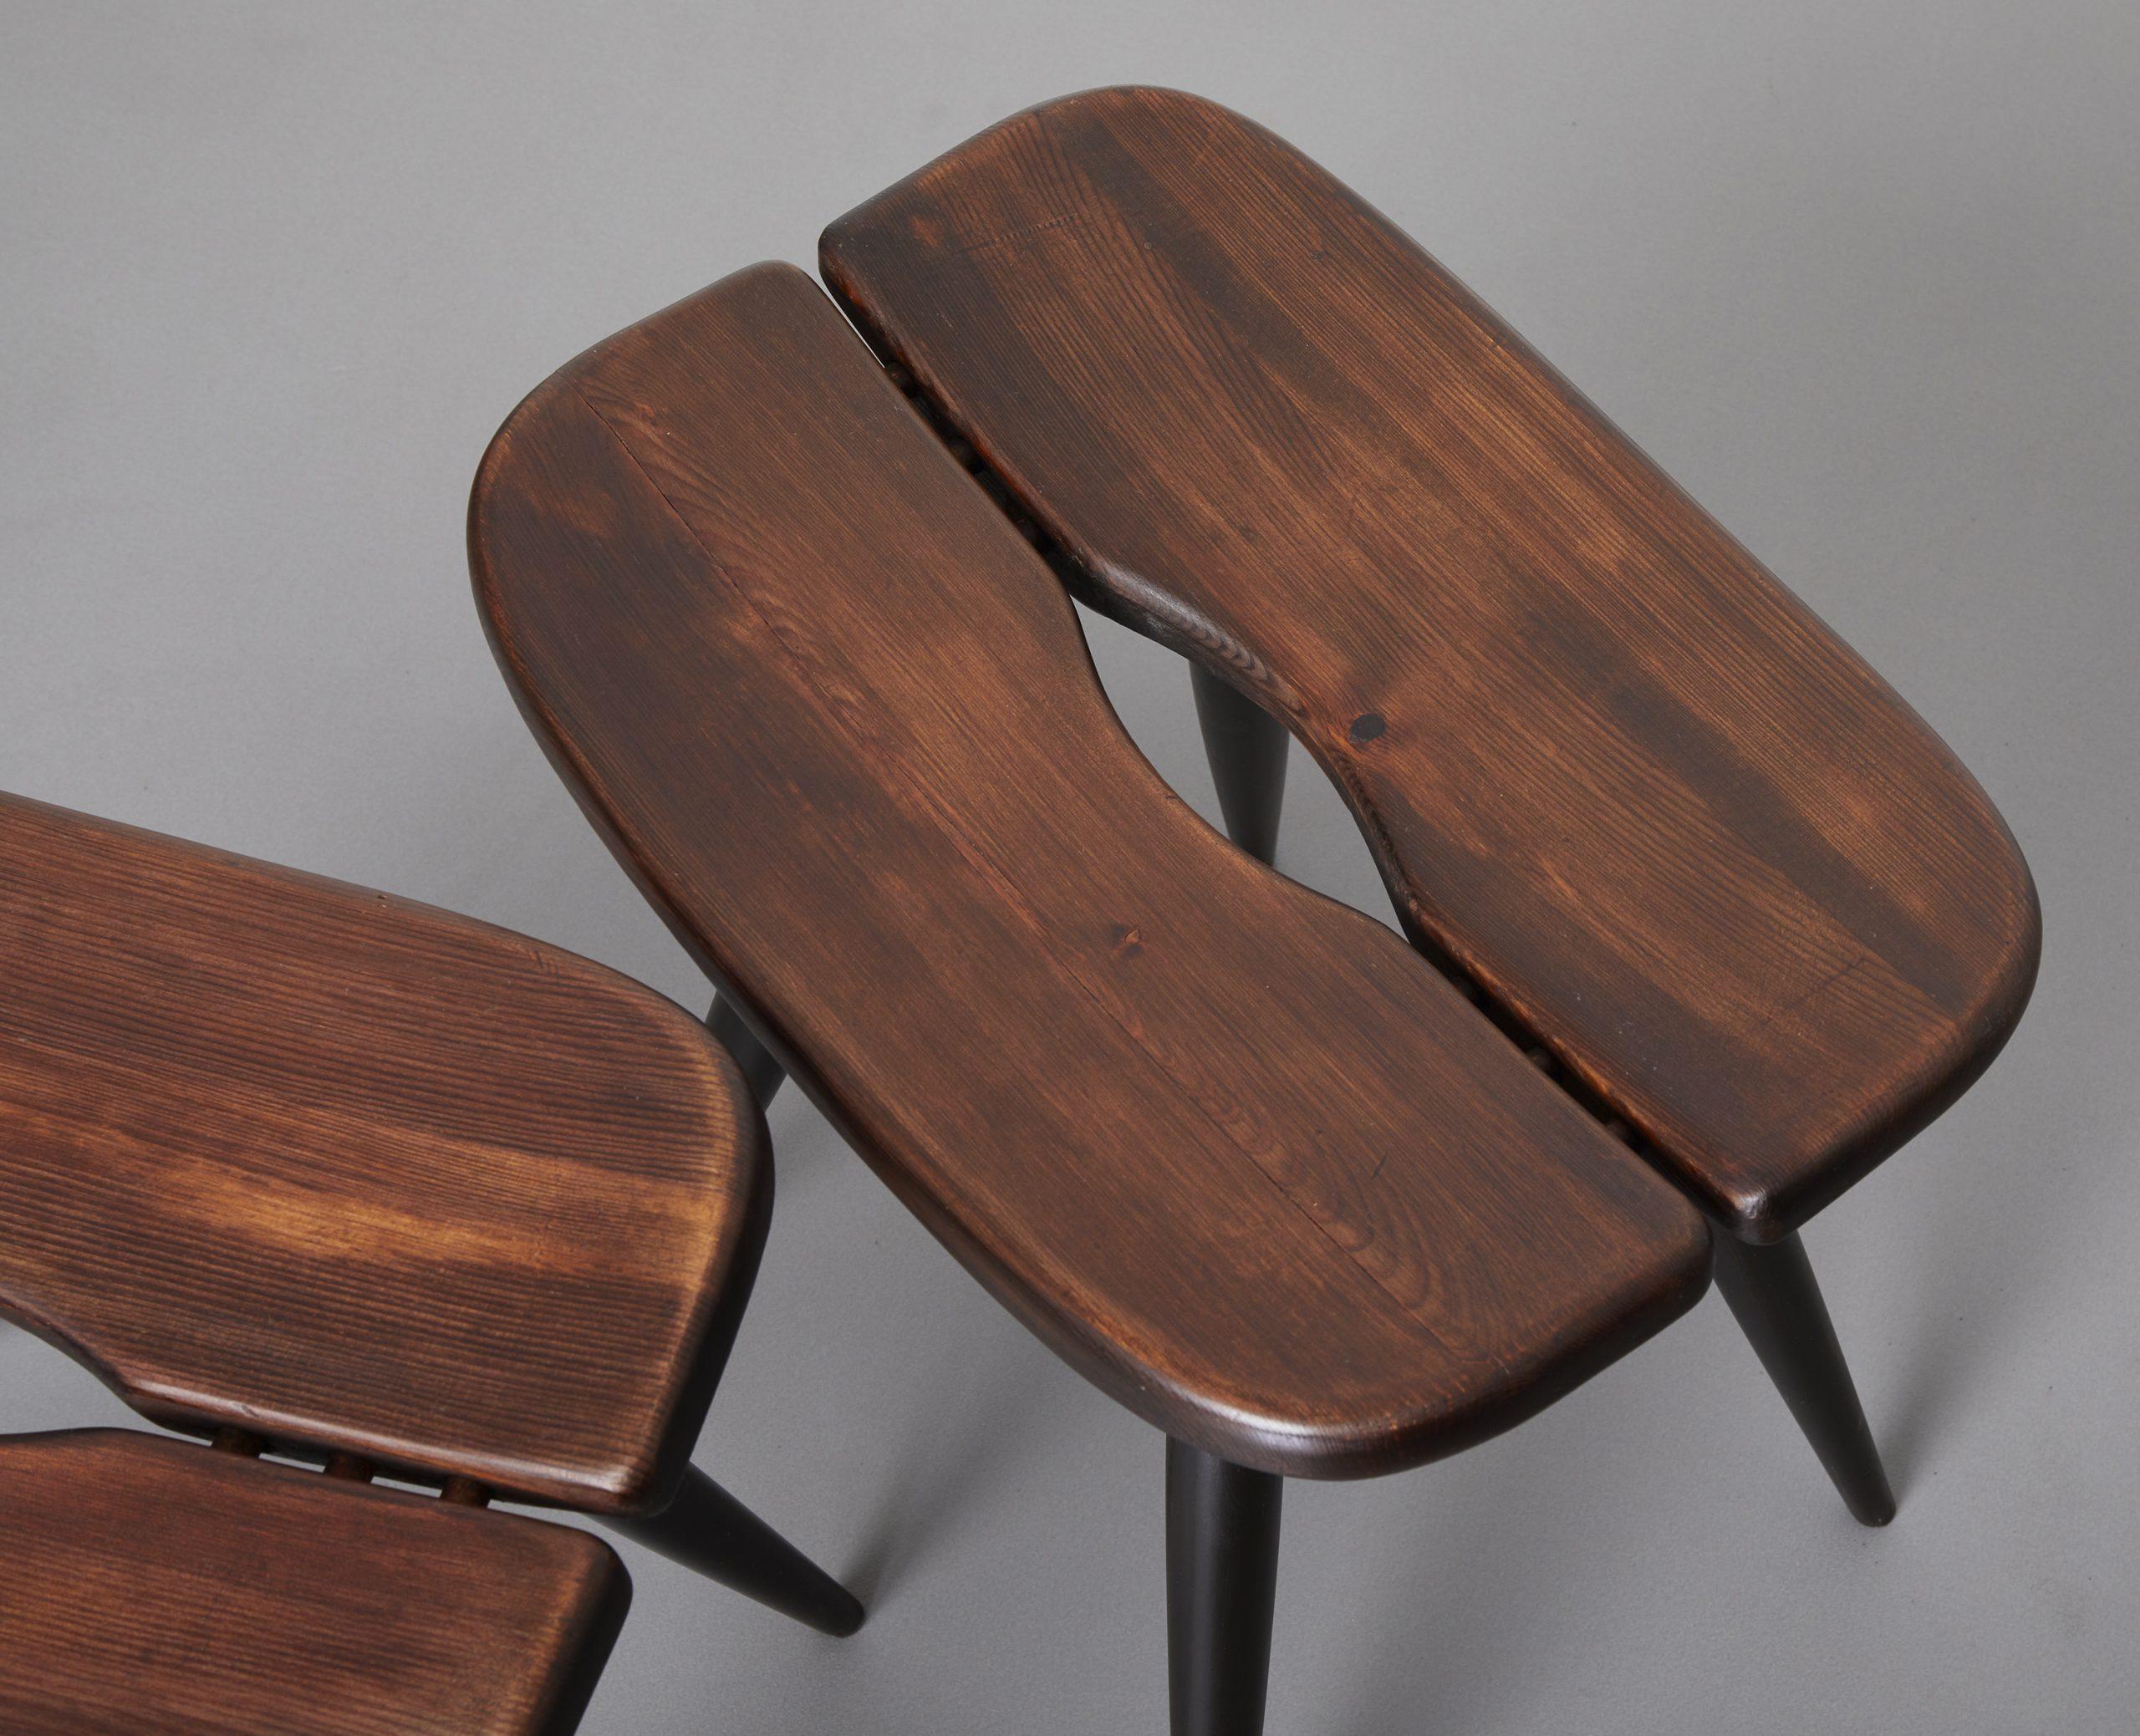 pair-of-pirkka-stools-by-ilmari-tapiovaara-1955-image-05